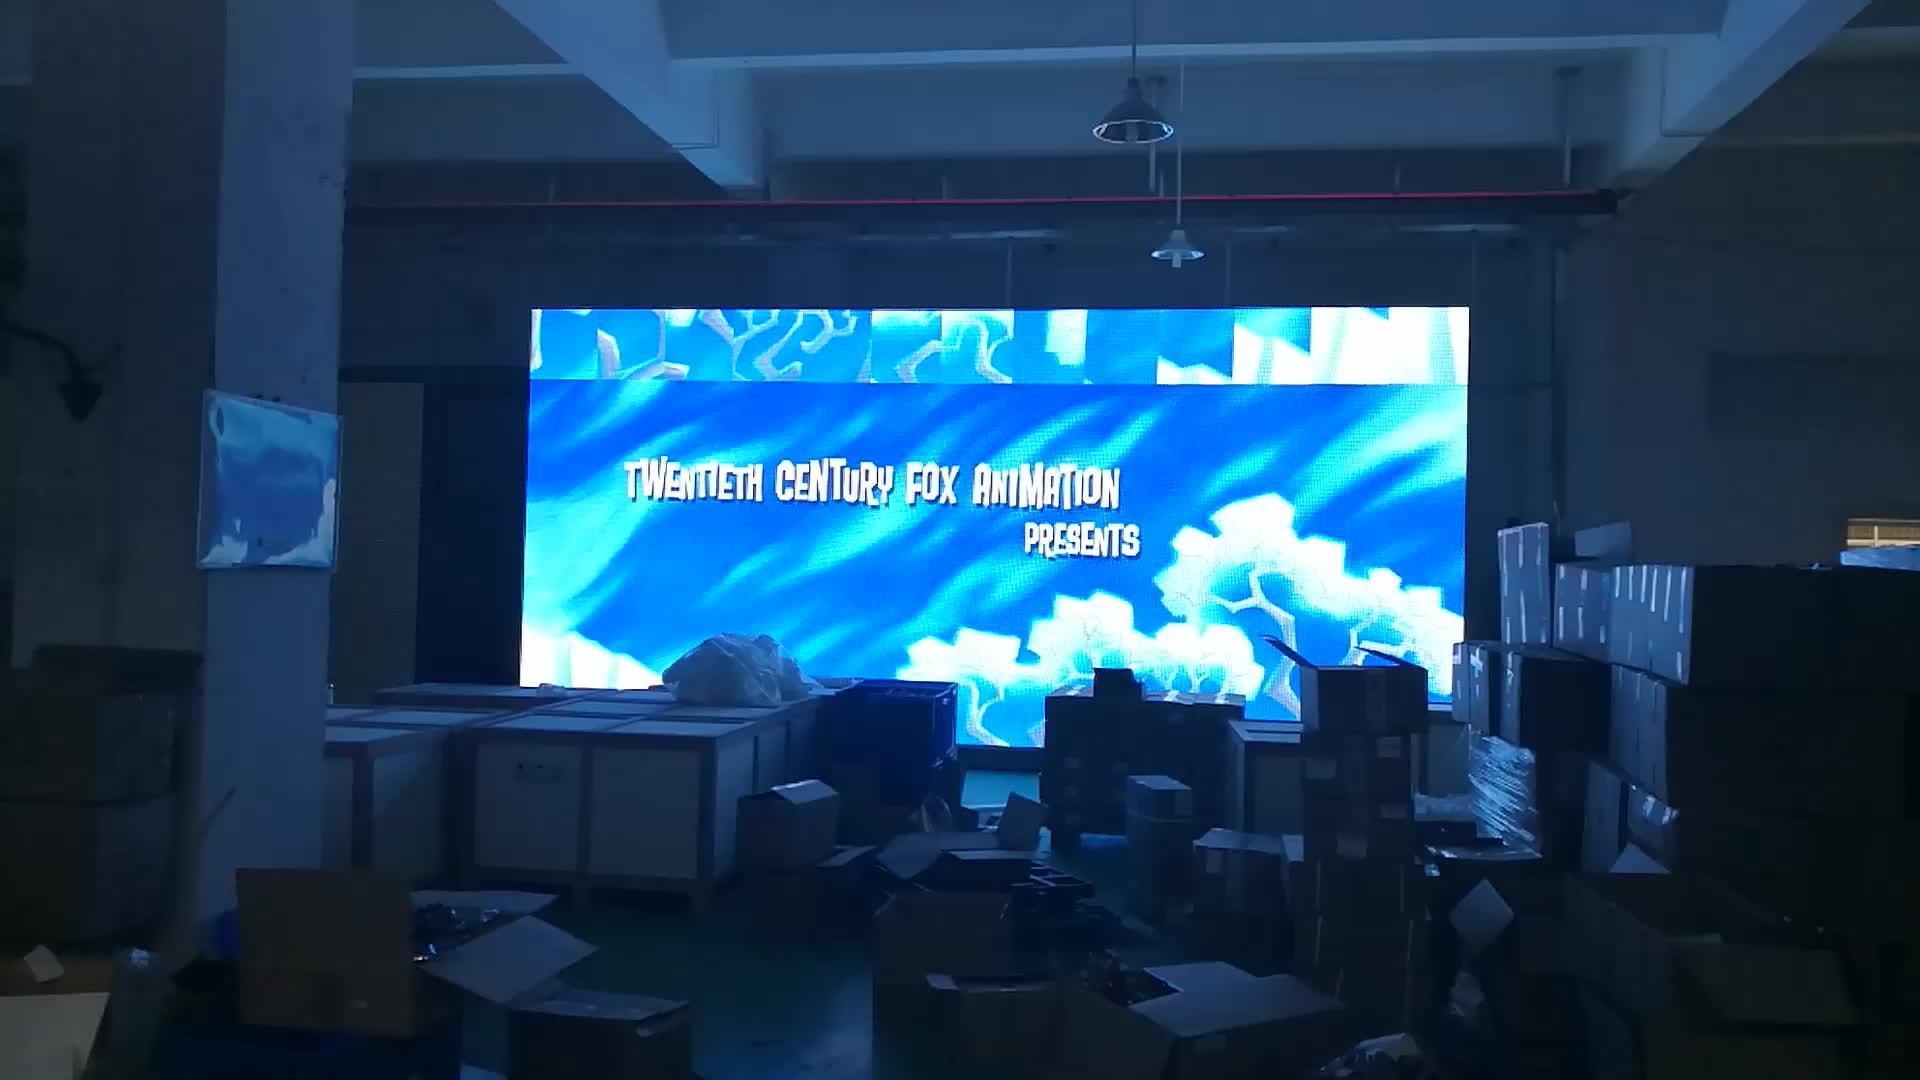 LedビデオウォールledディスプレイP3.91用屋外ledスクリーン屋内ledスクリーンダイカストアルミキャビネット500*500ミリメートル